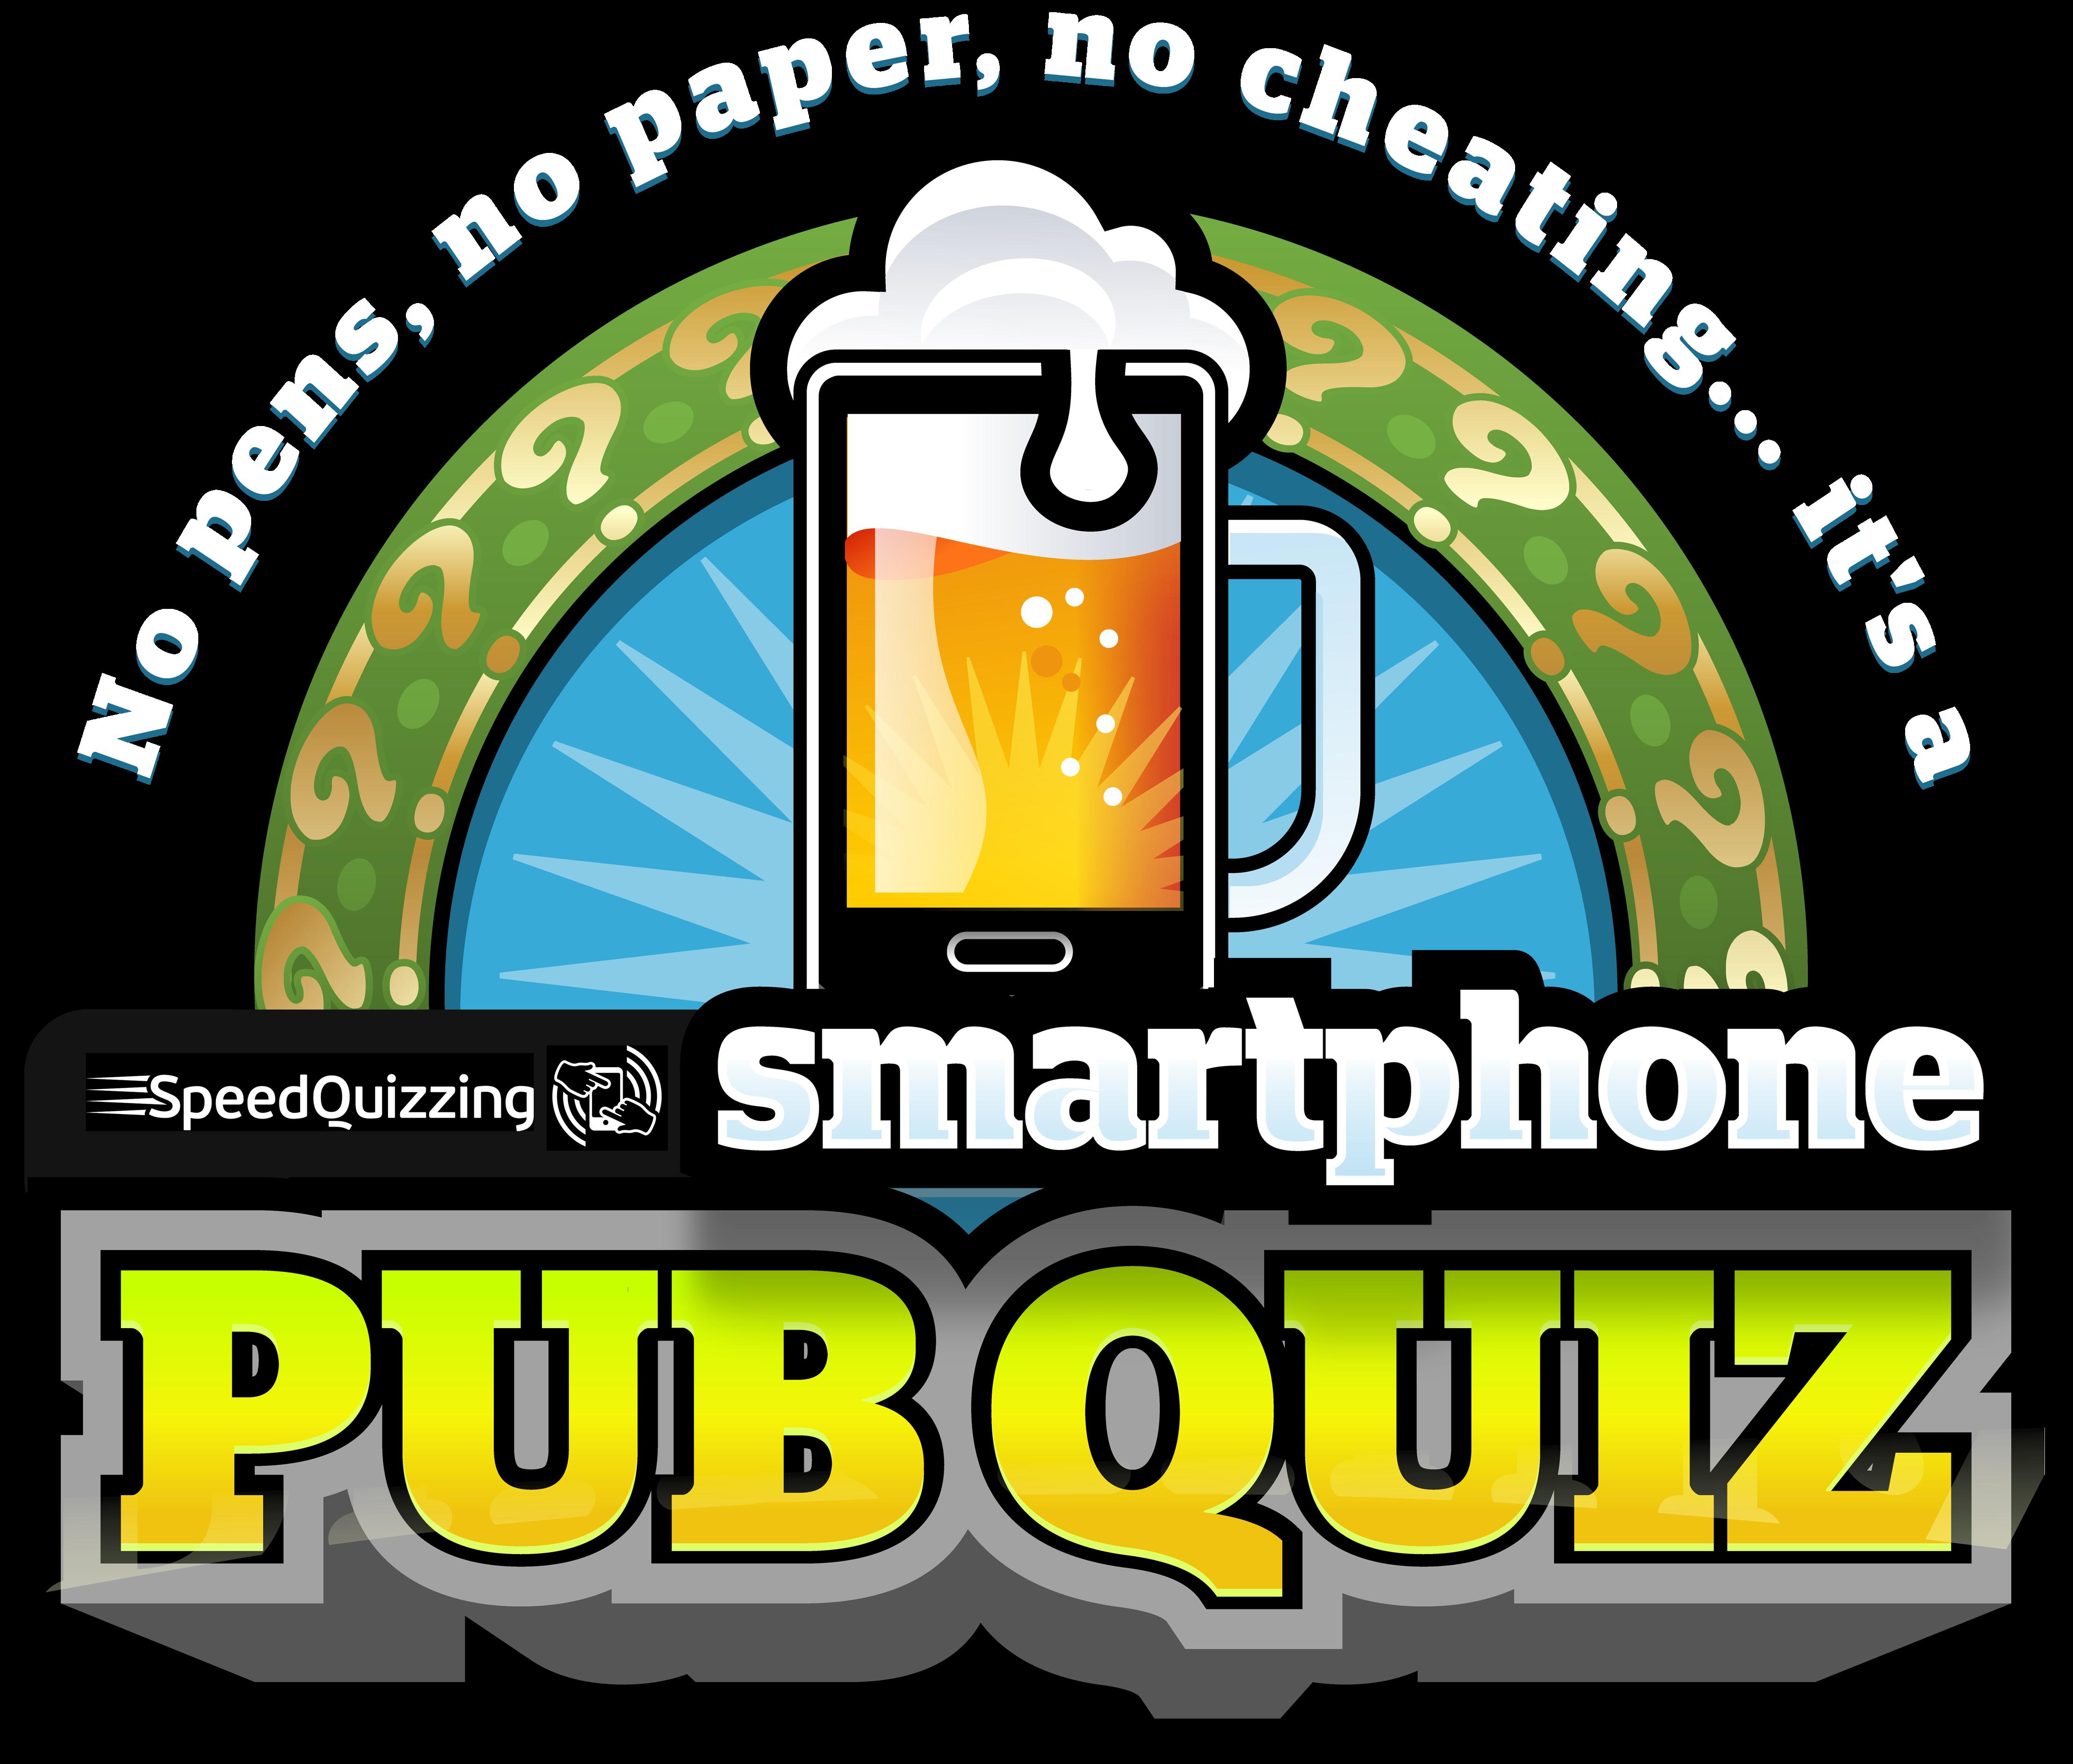 Speedquizzing (Smartphone Pub Quiz) | Deansgate Locks, Manchester